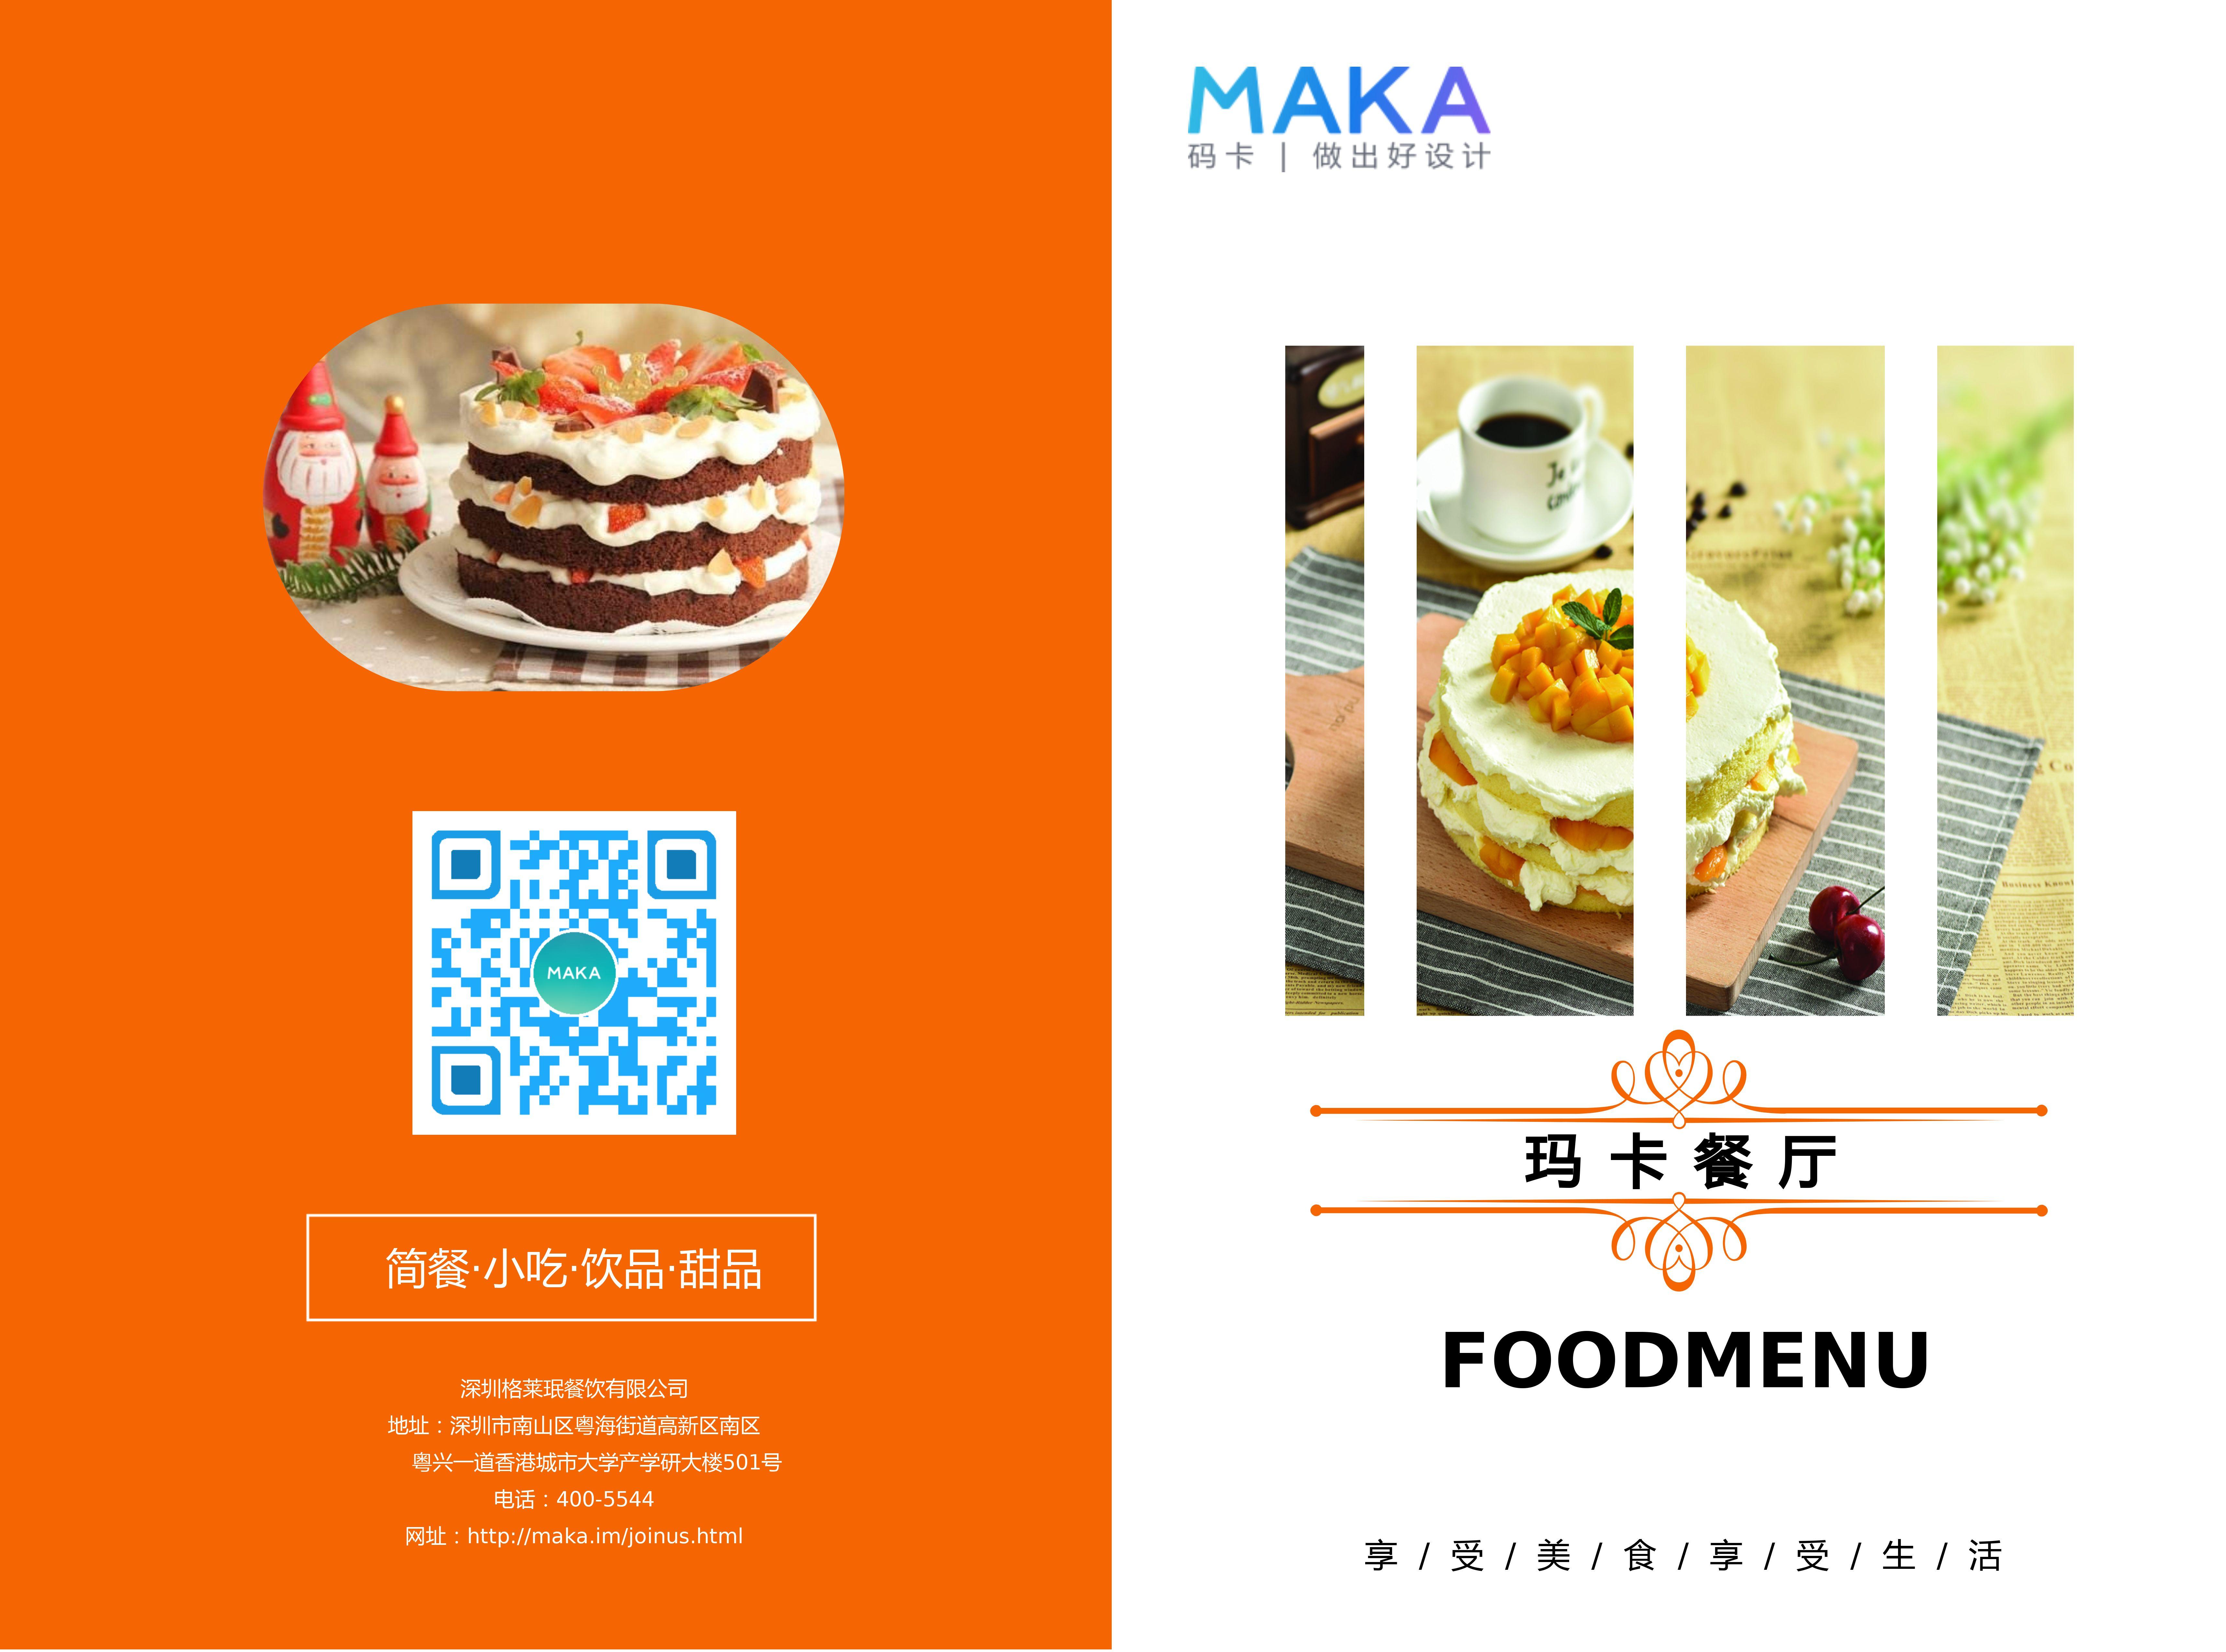 扁平简约设计风格橙色餐饮行业菜单办公印刷使用的办公印刷二折页模版